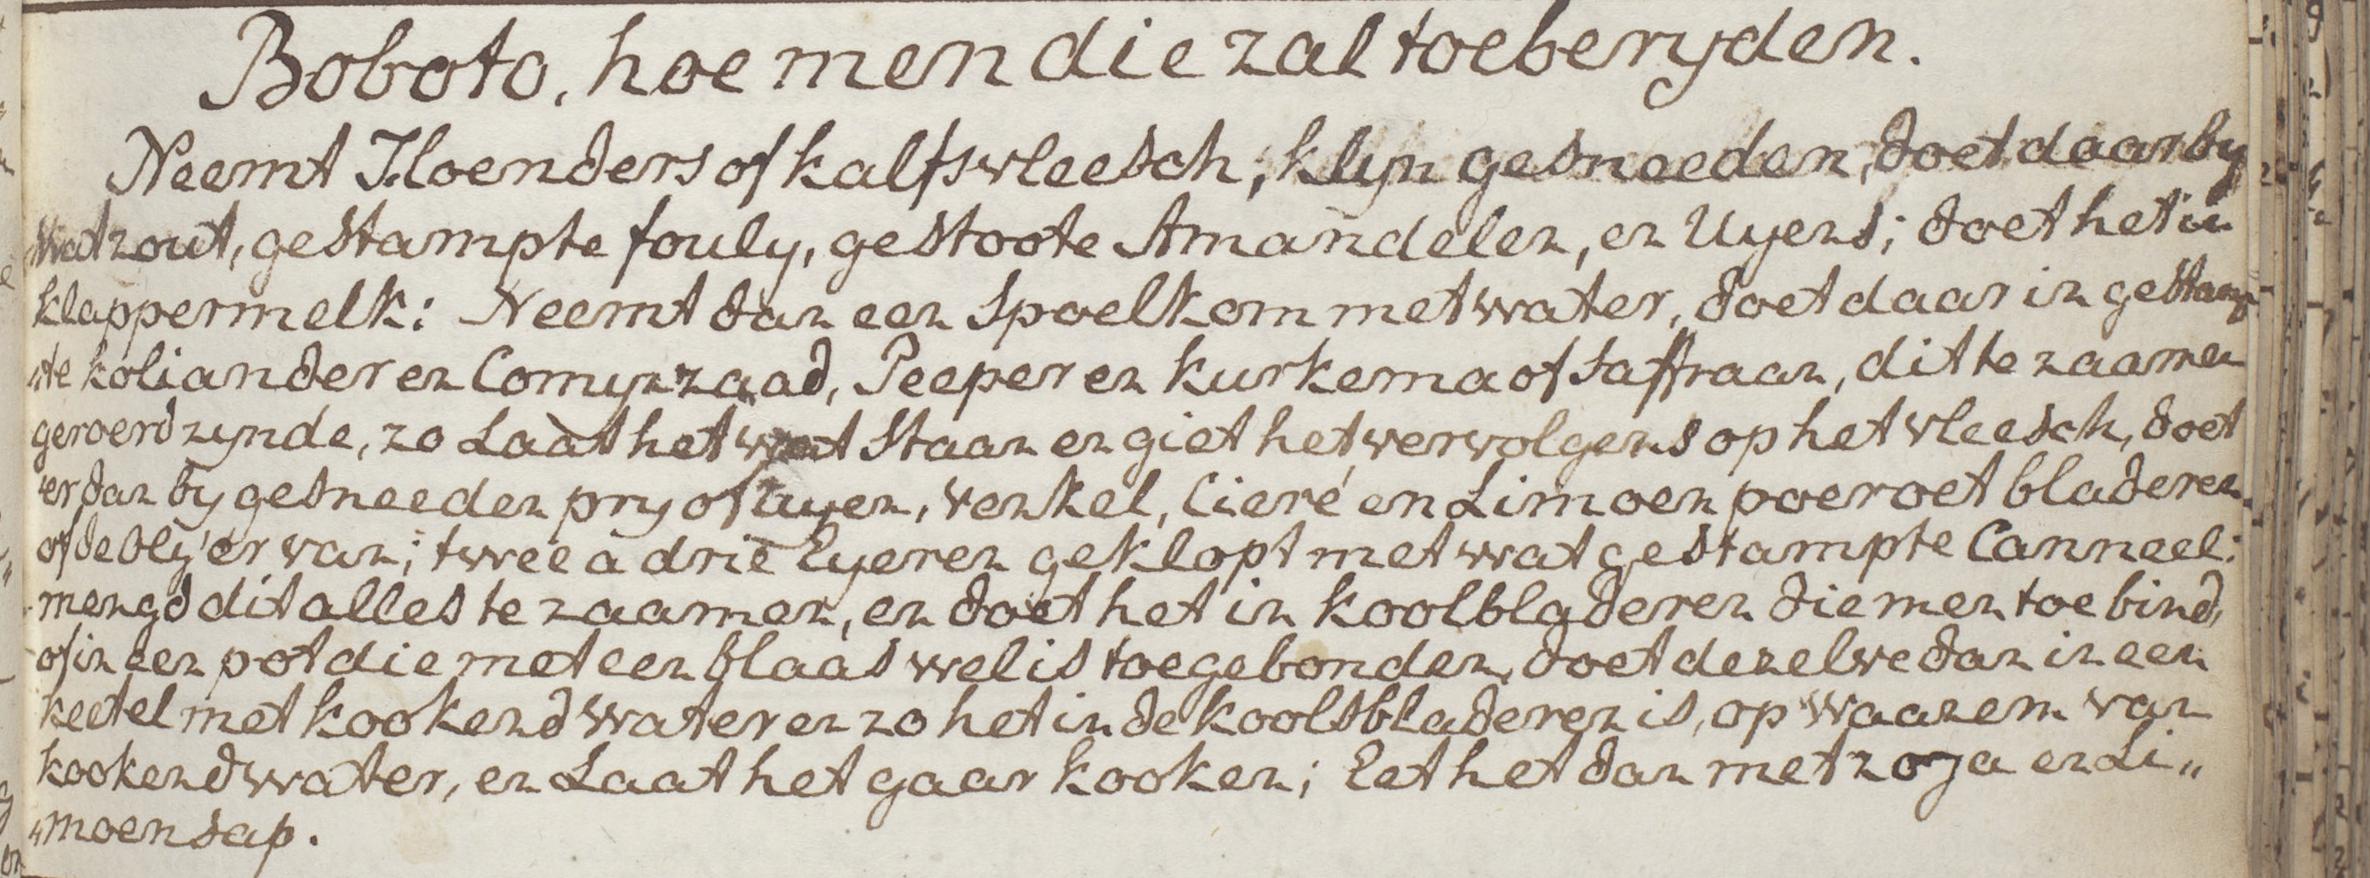 Recept voor Bobote uit een anoniem Kookschrift, ca. 1780. Koninklijke Bibliotheek